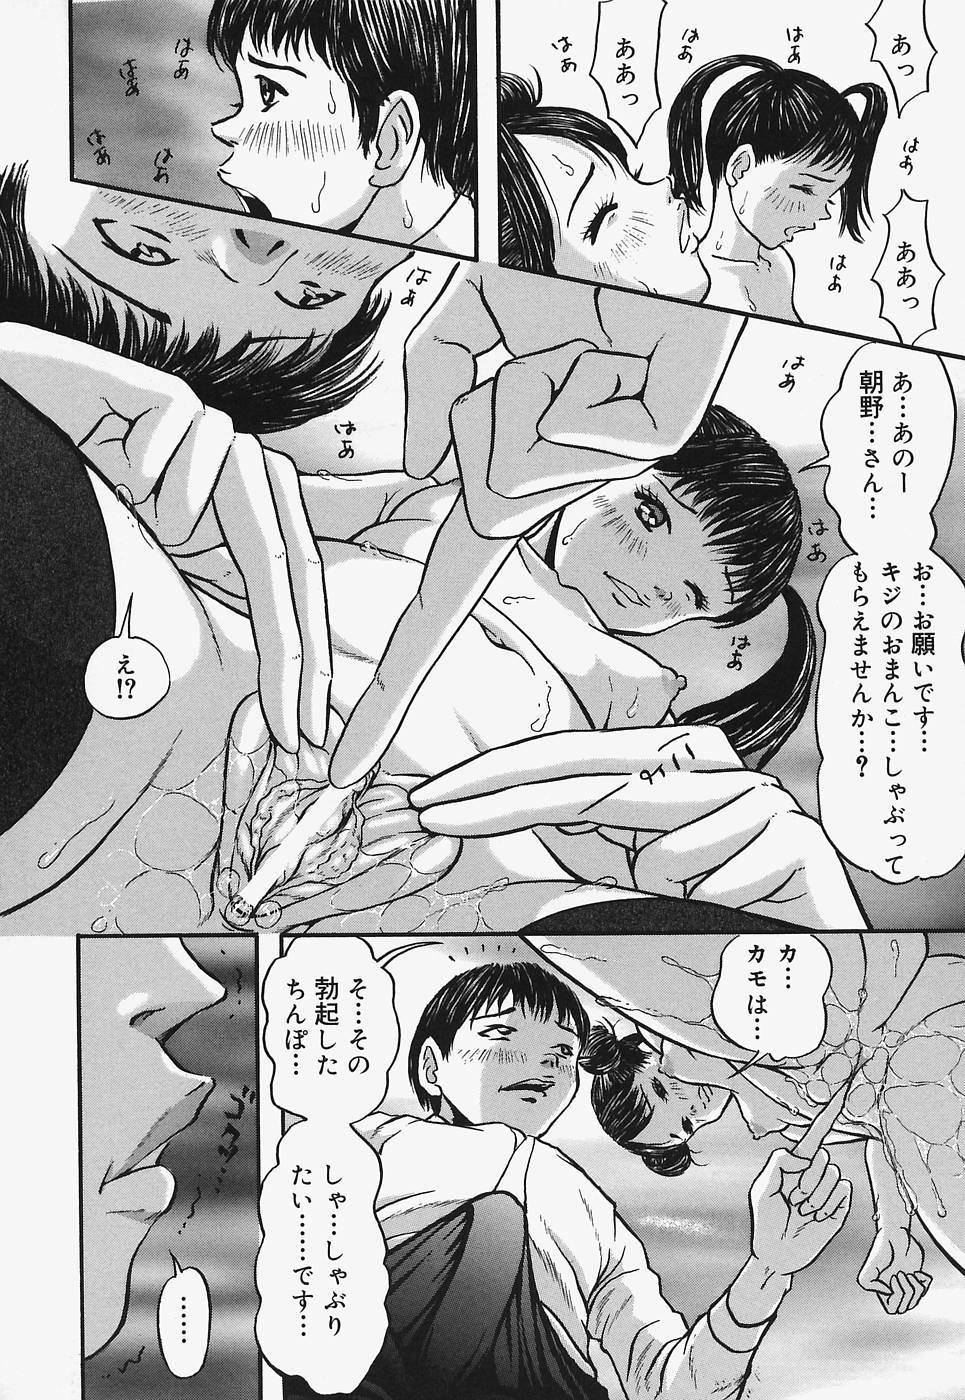 Nurunuru Syoujyo Jiru 154